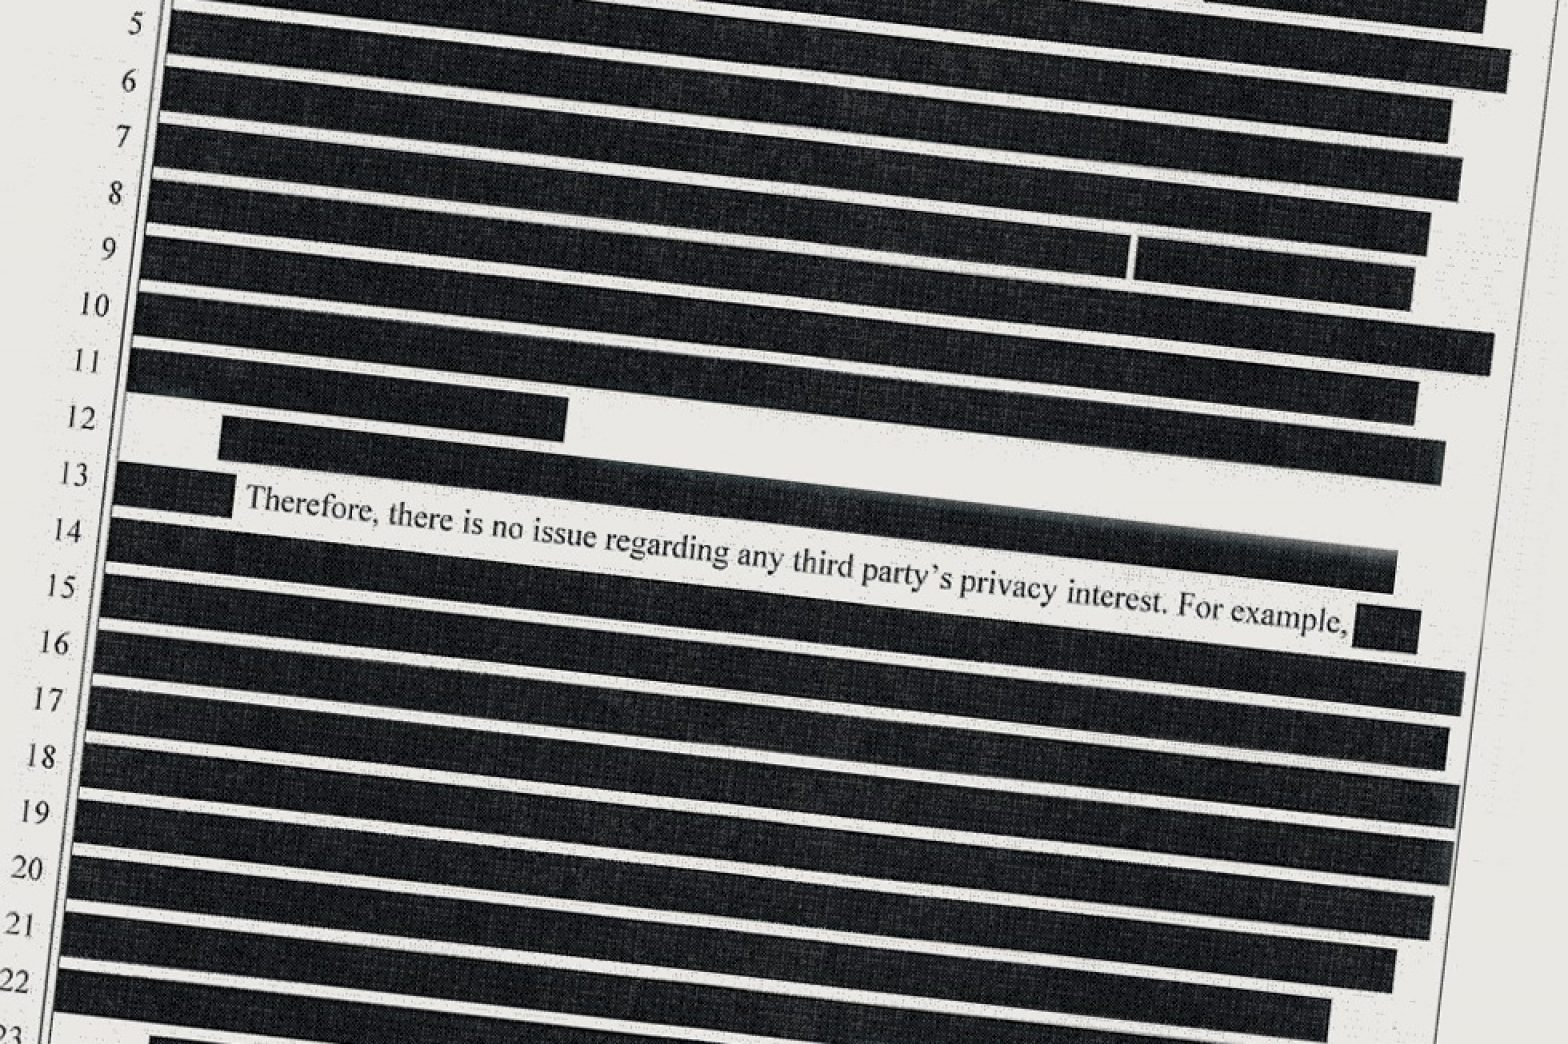 redacted image